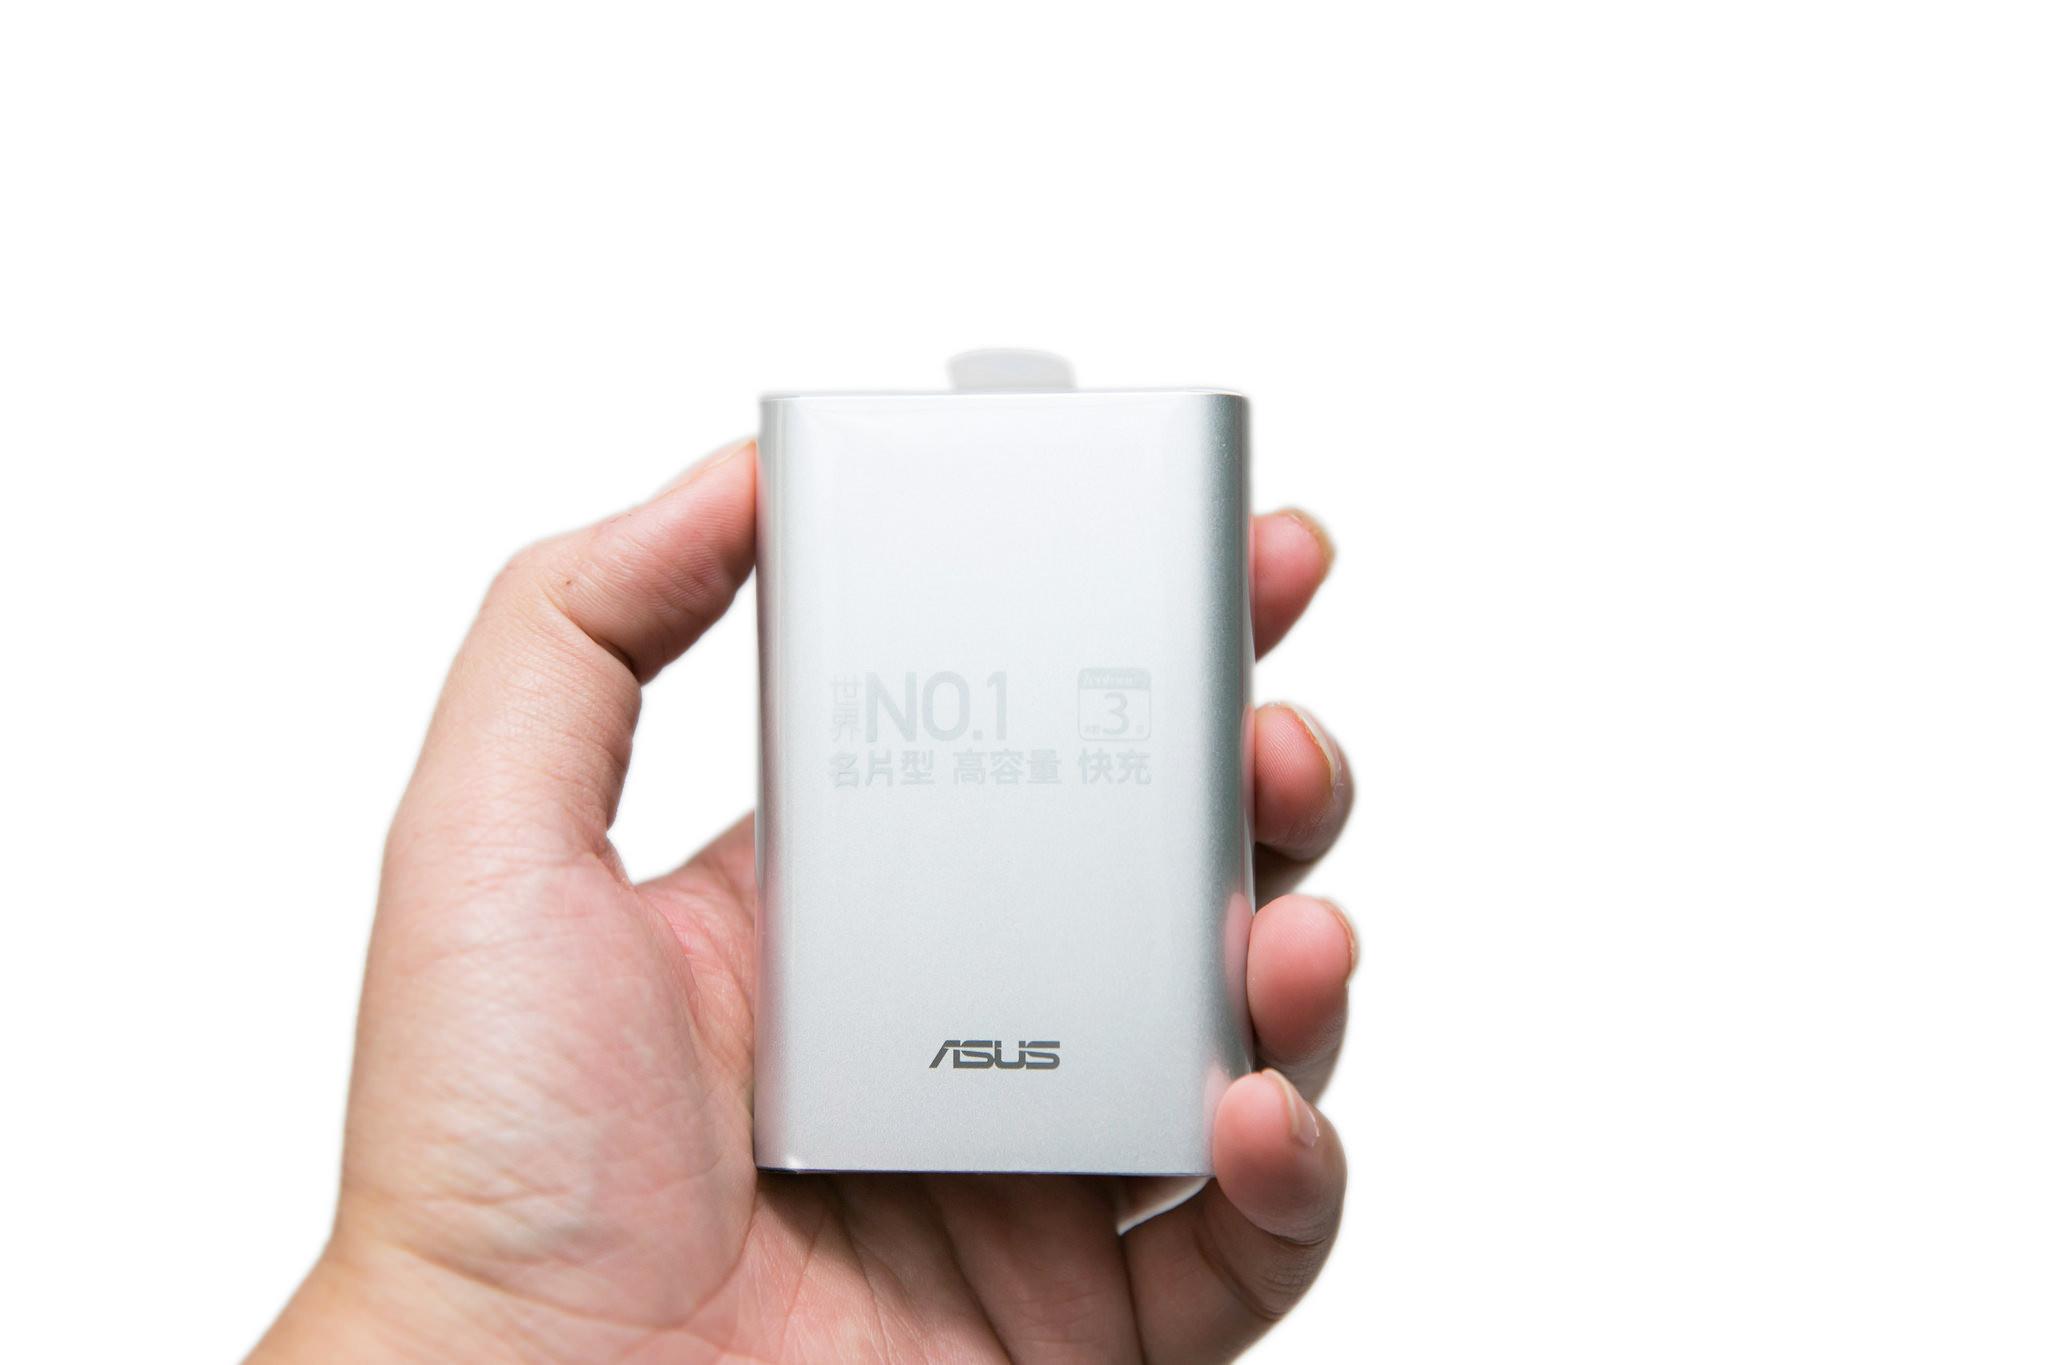 是華碩也來了!ASUS ZenPower 9600 行動電源 / 保護套 動手開動手拆這篇文章的首圖